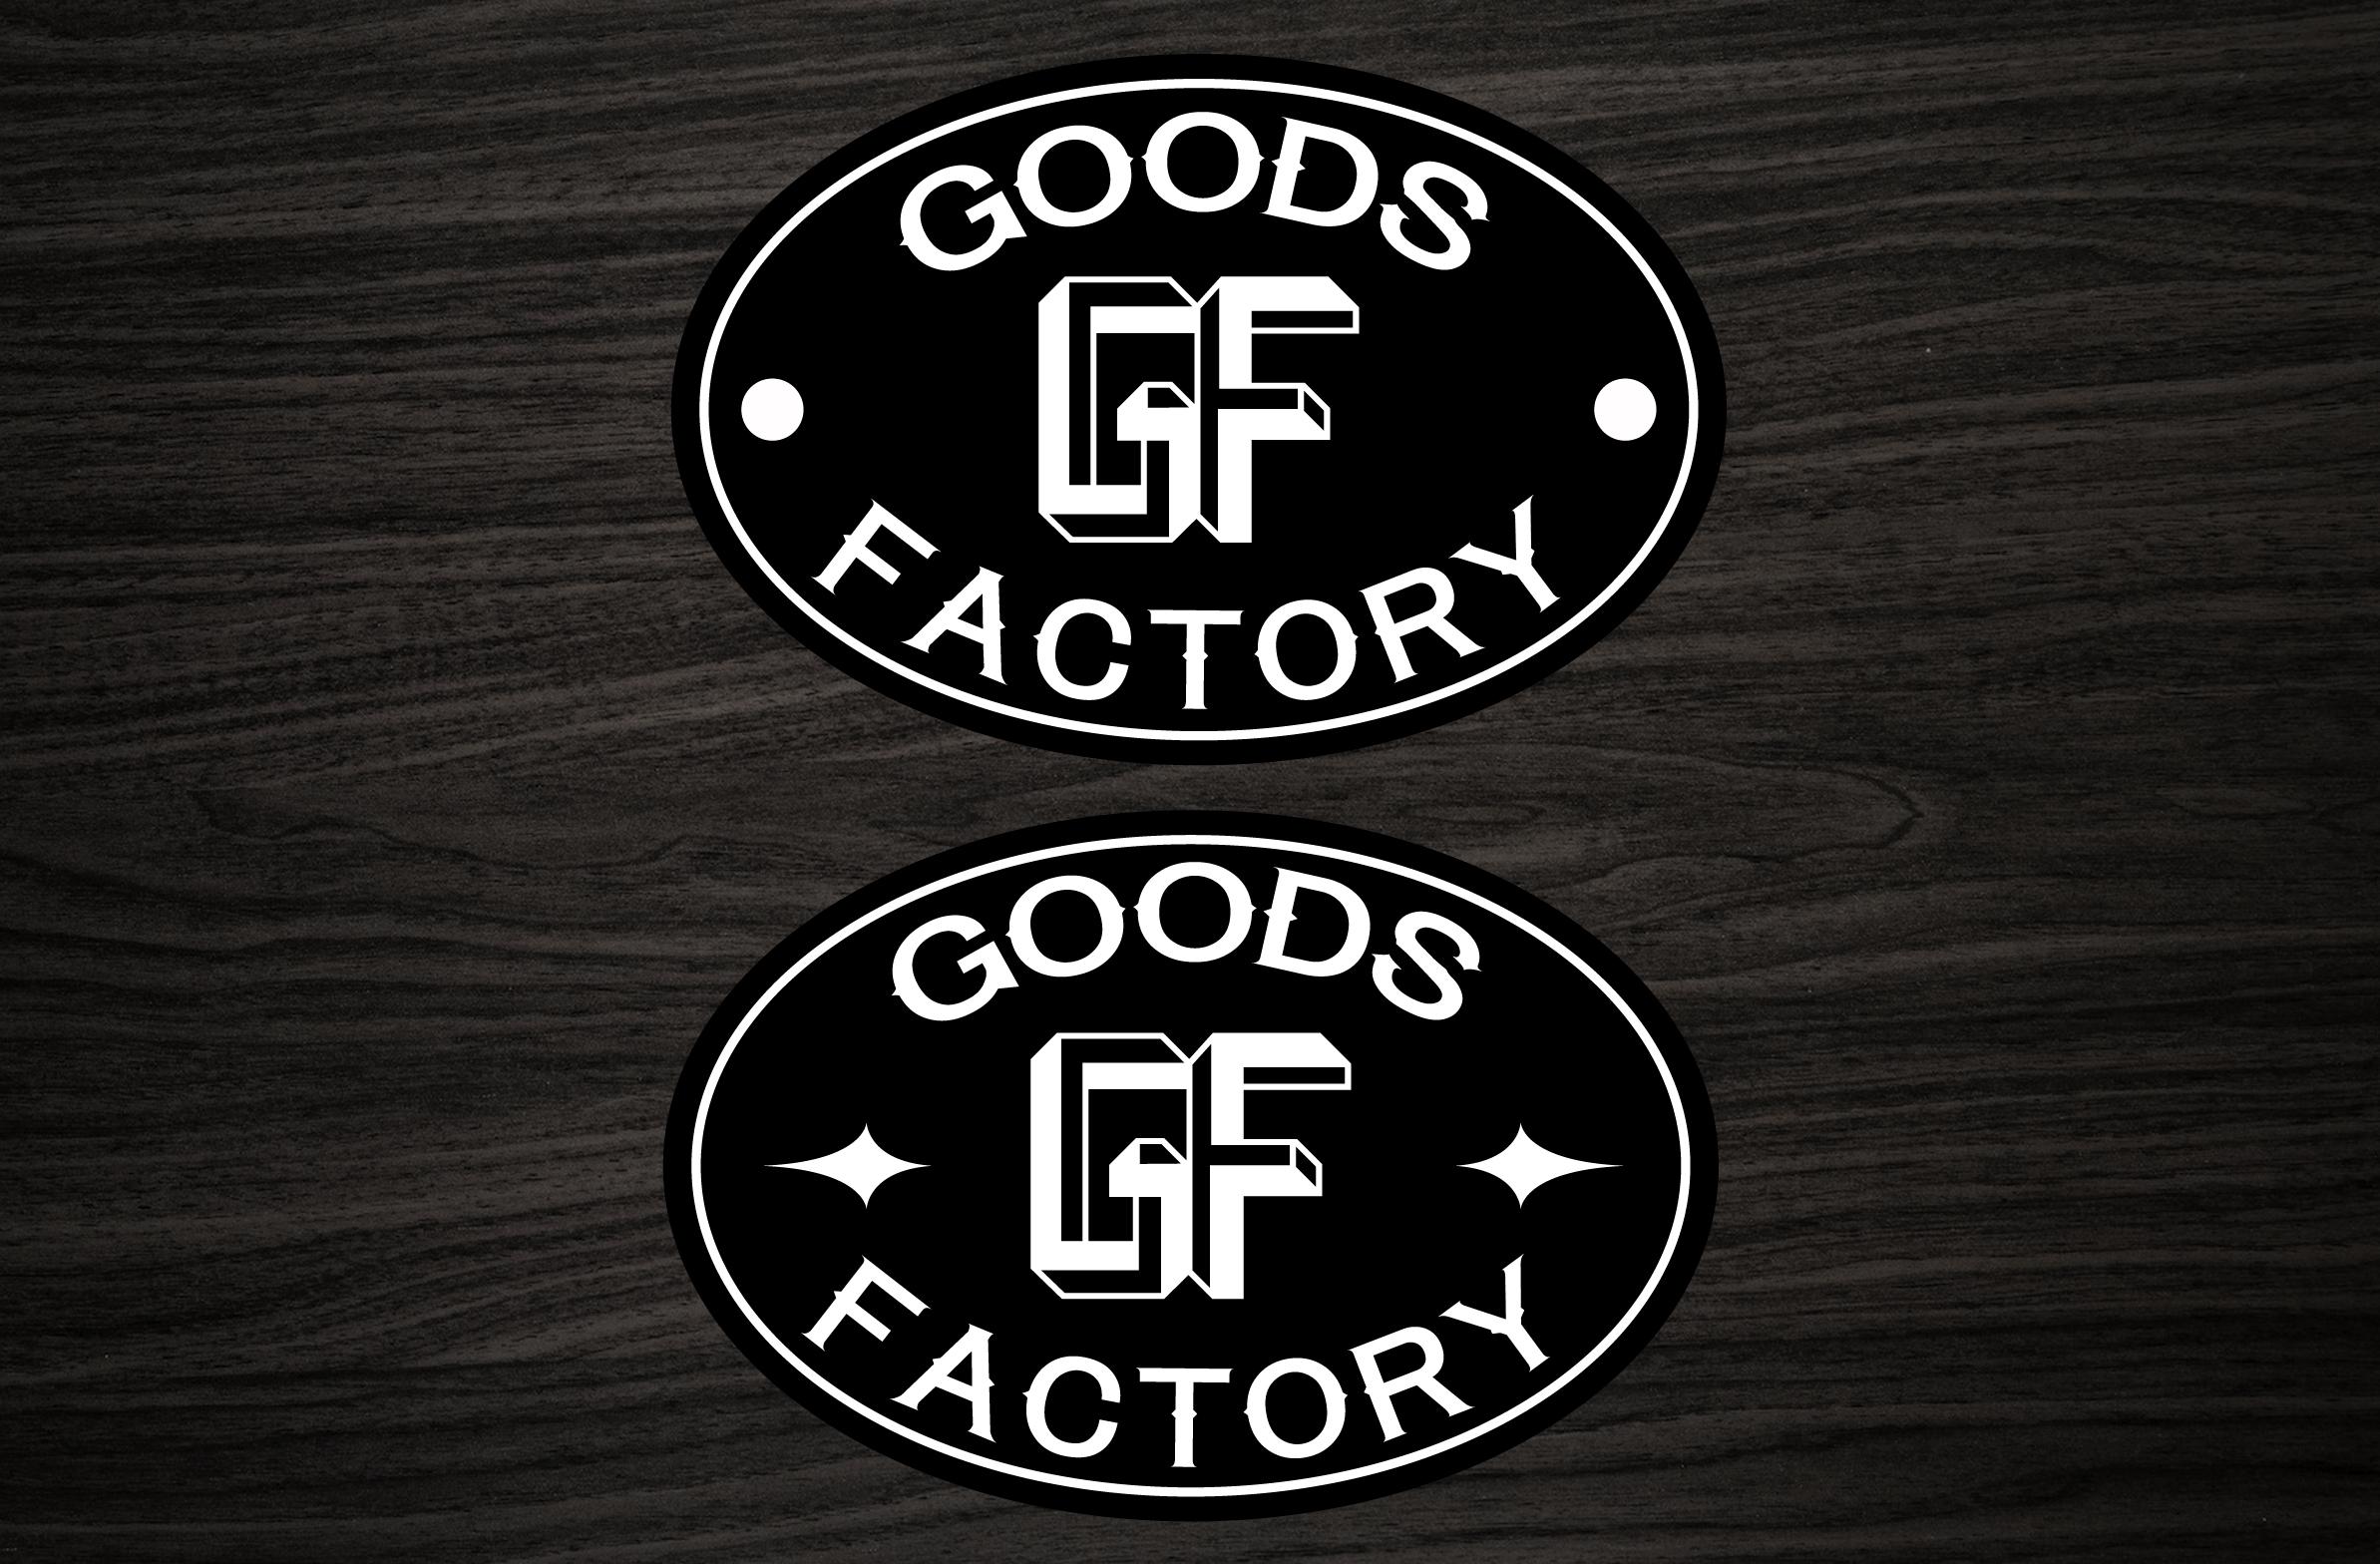 Разработка логотипа компании фото f_9585964ffc42b509.jpg